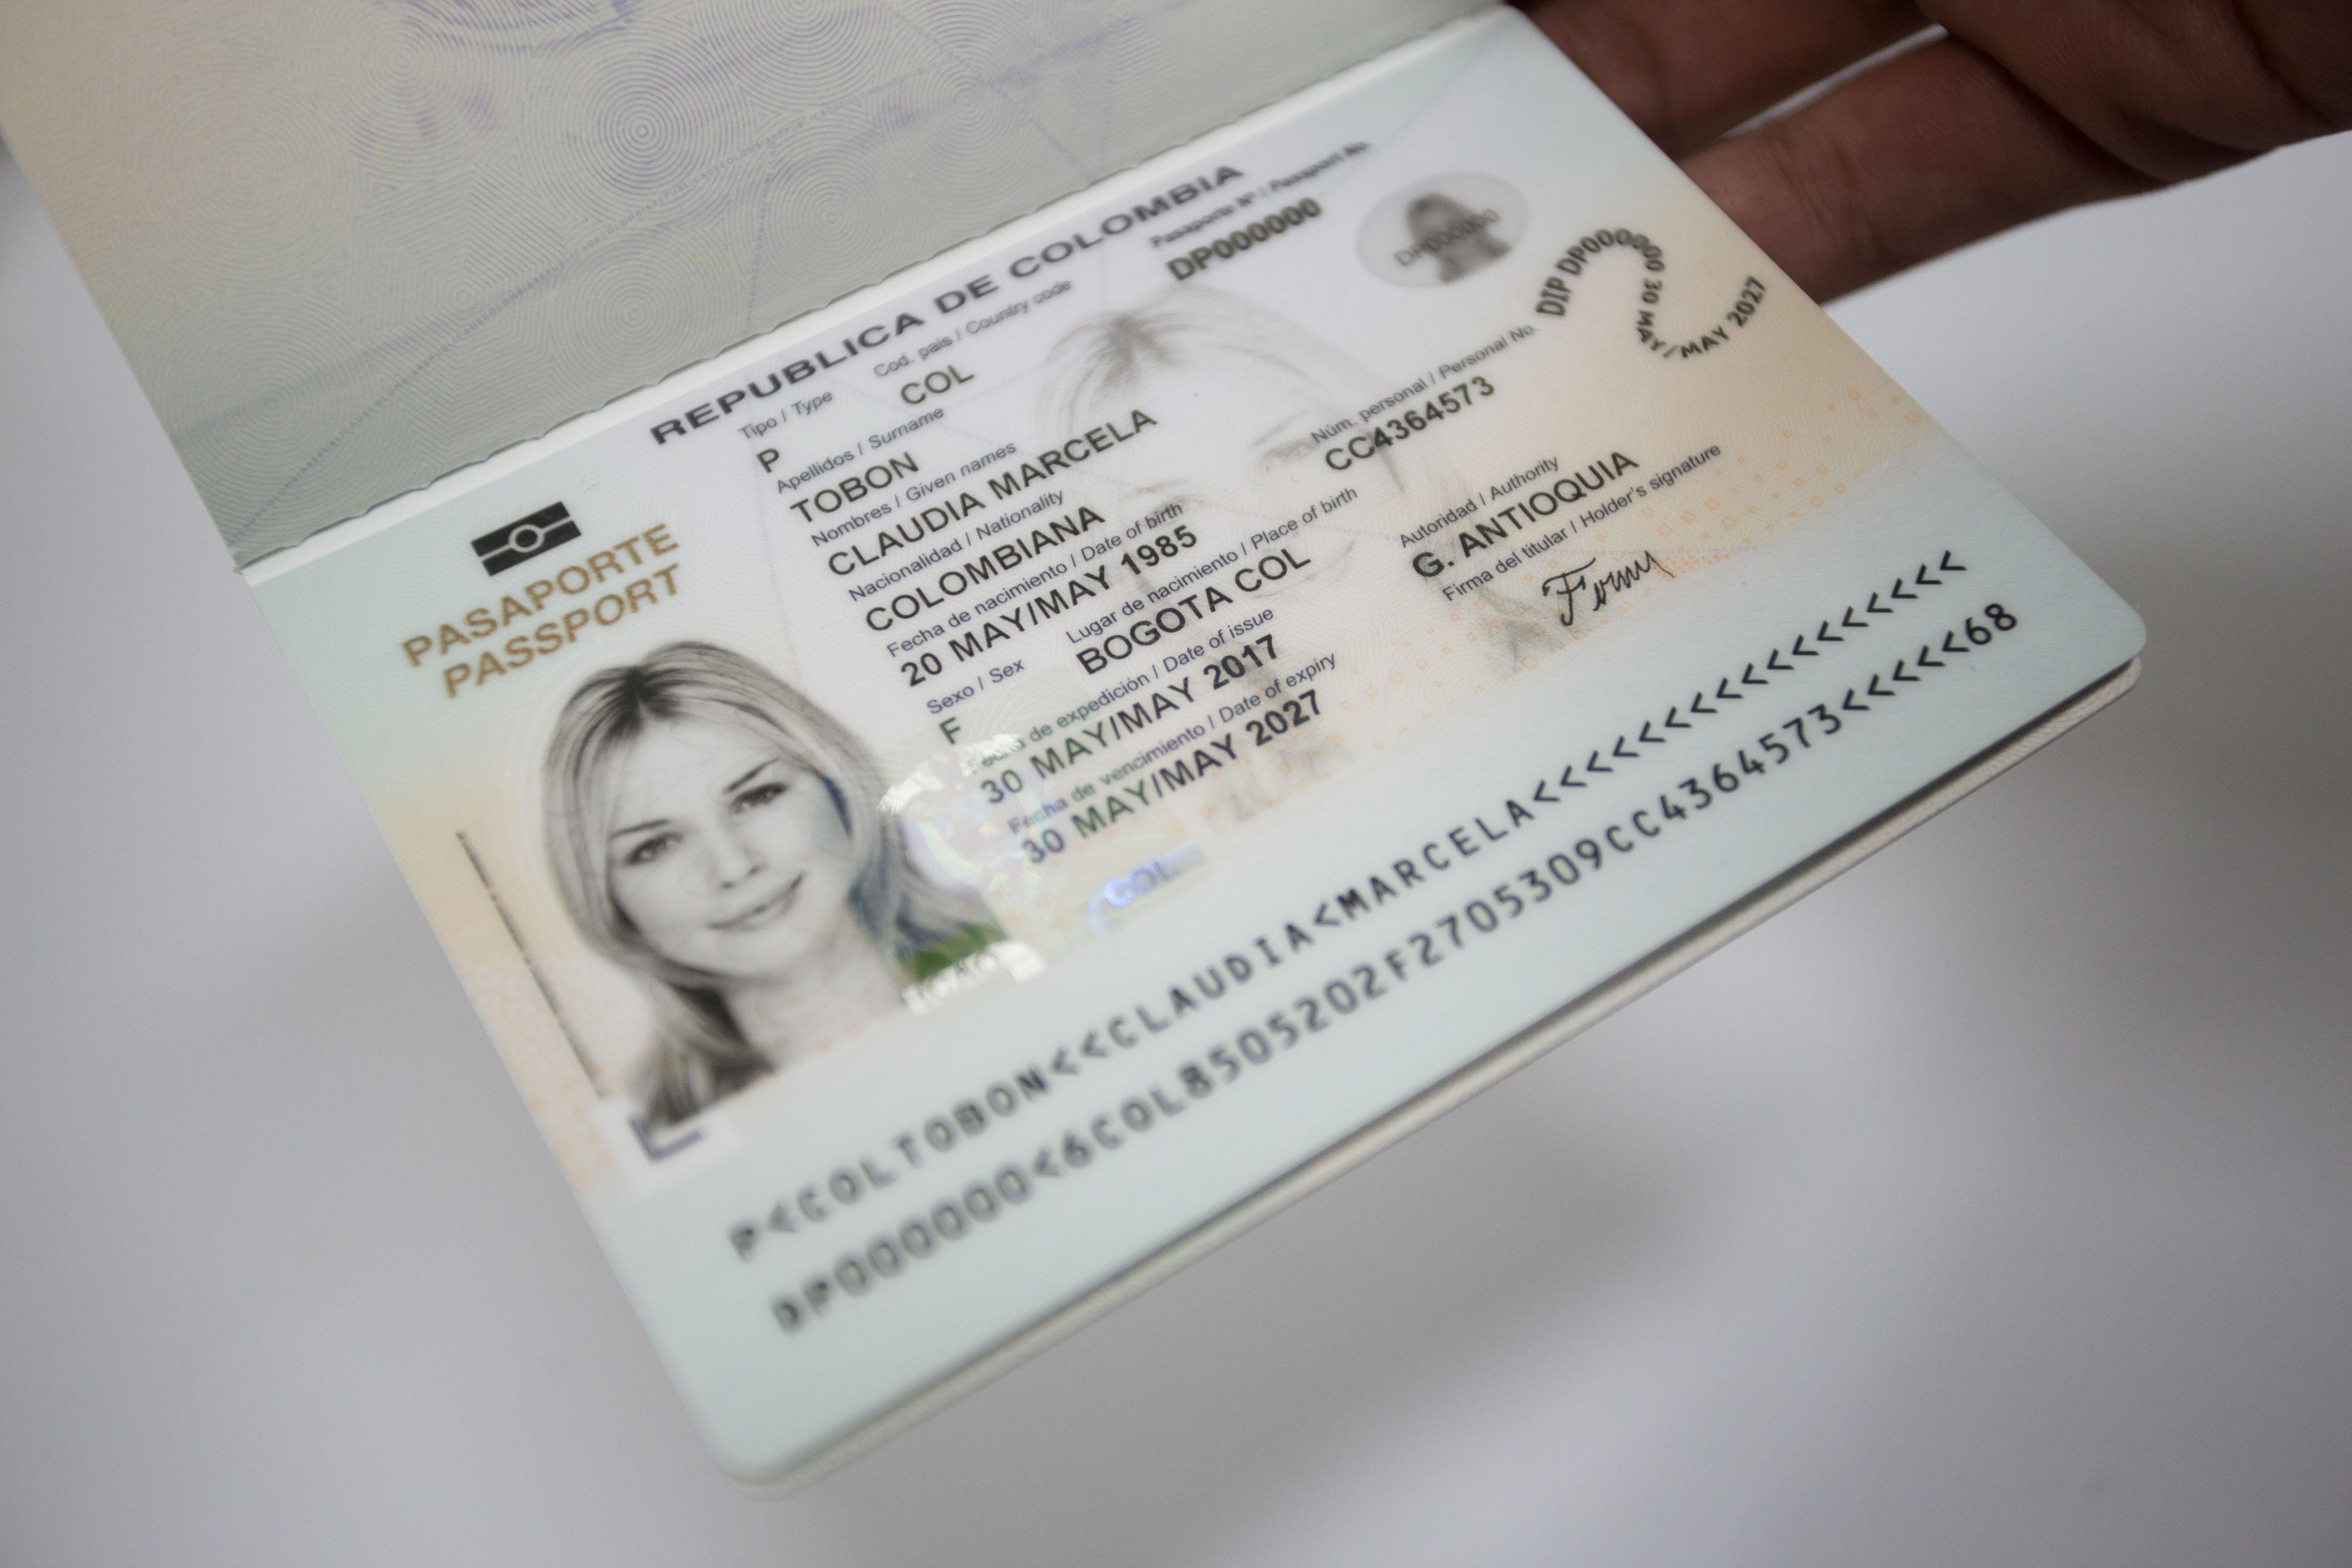 http://www.cancilleria.gov.co/sites/default/files/FOTOS2018/100718_pasaporte_paisajes-3_1.jpg